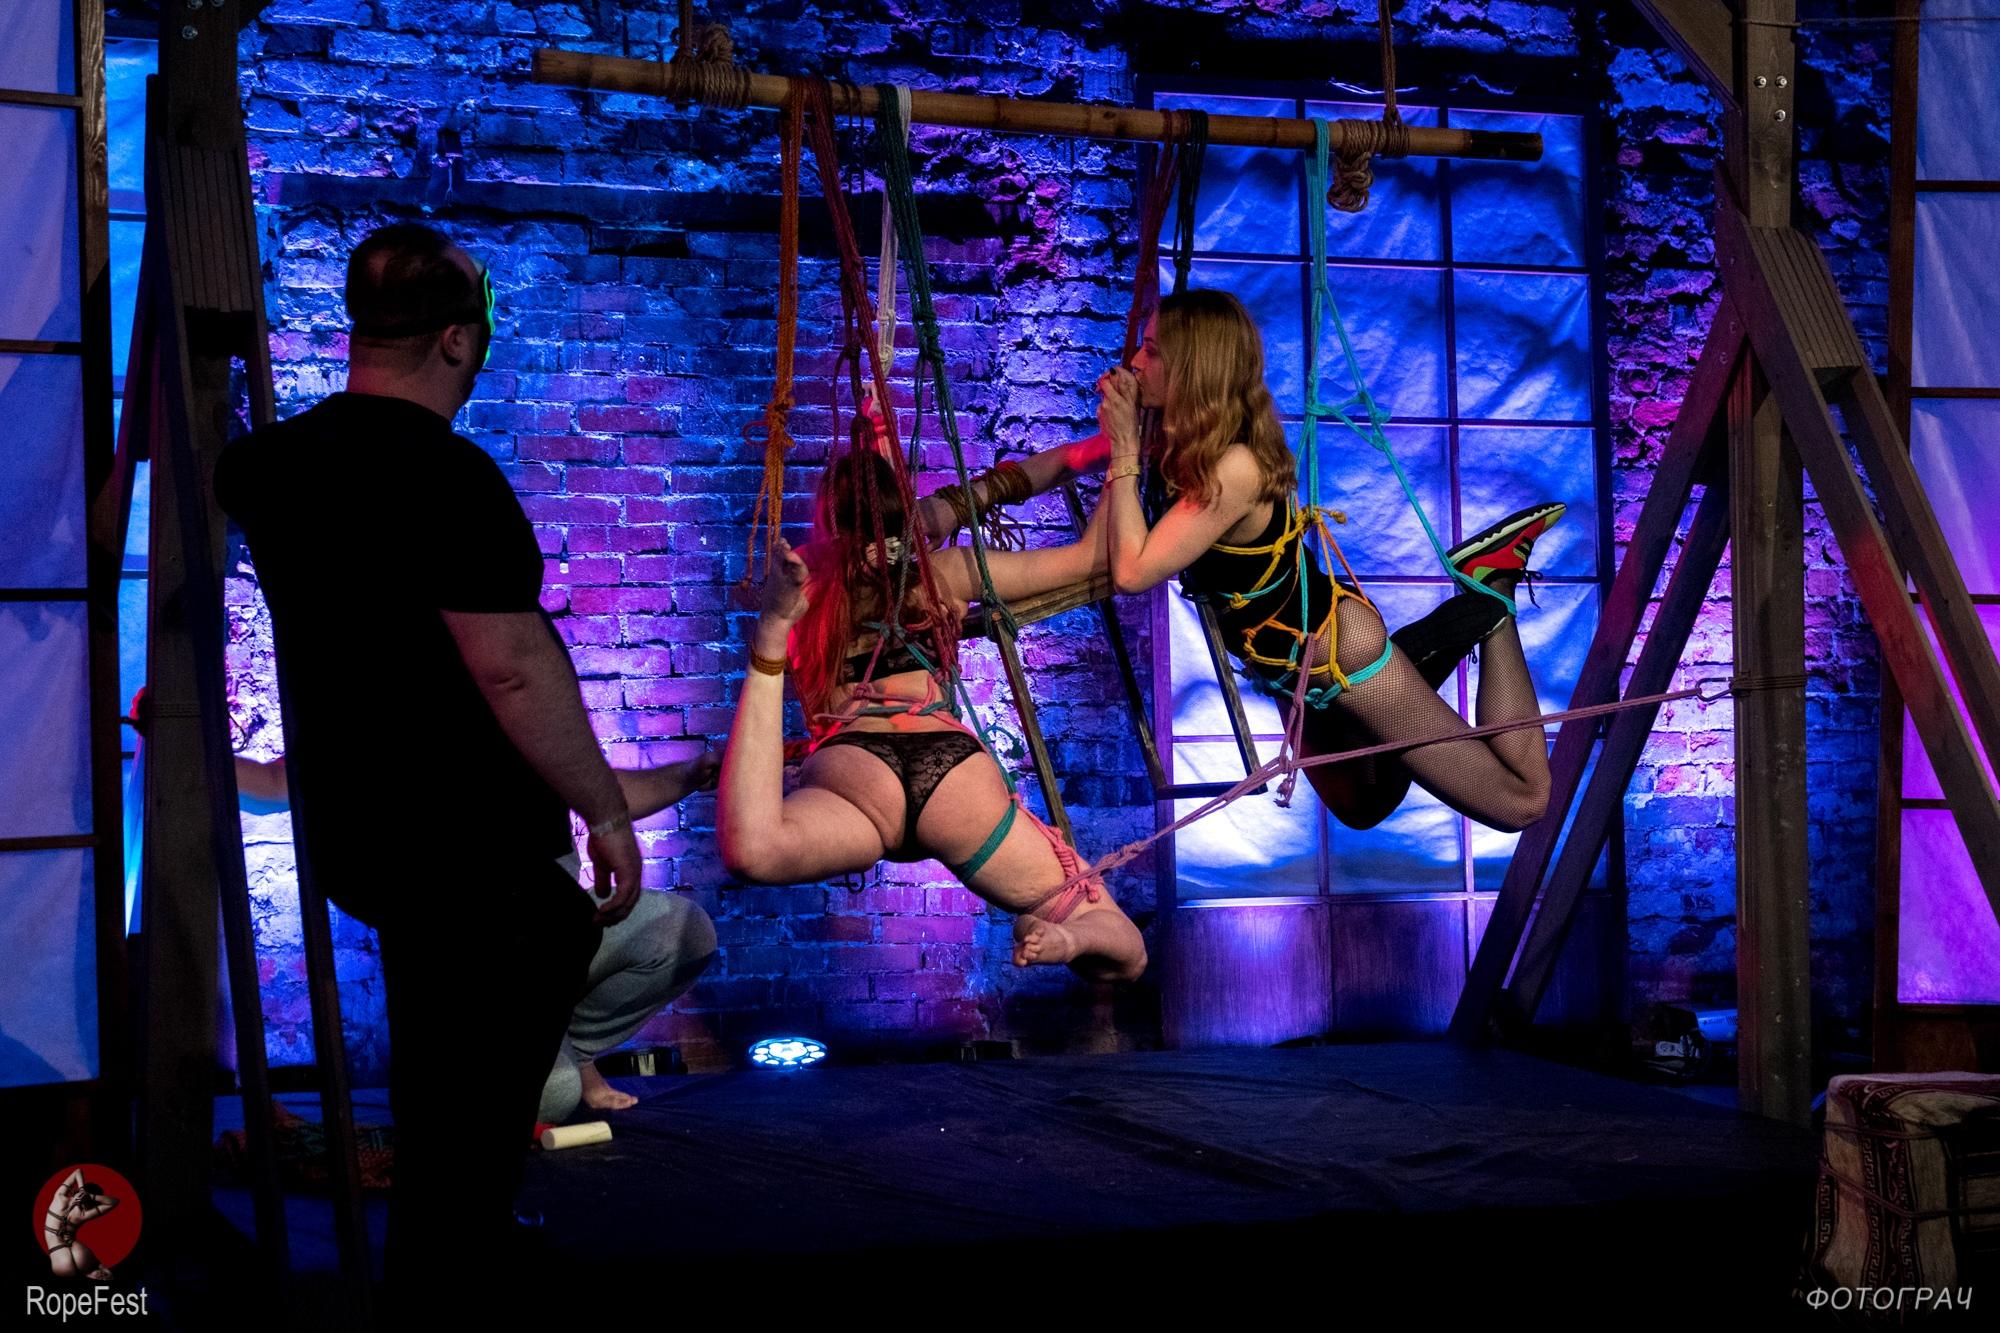 Rope Fest Peterburg 2019. Bondage: Artefackt. Foto by Fotograch